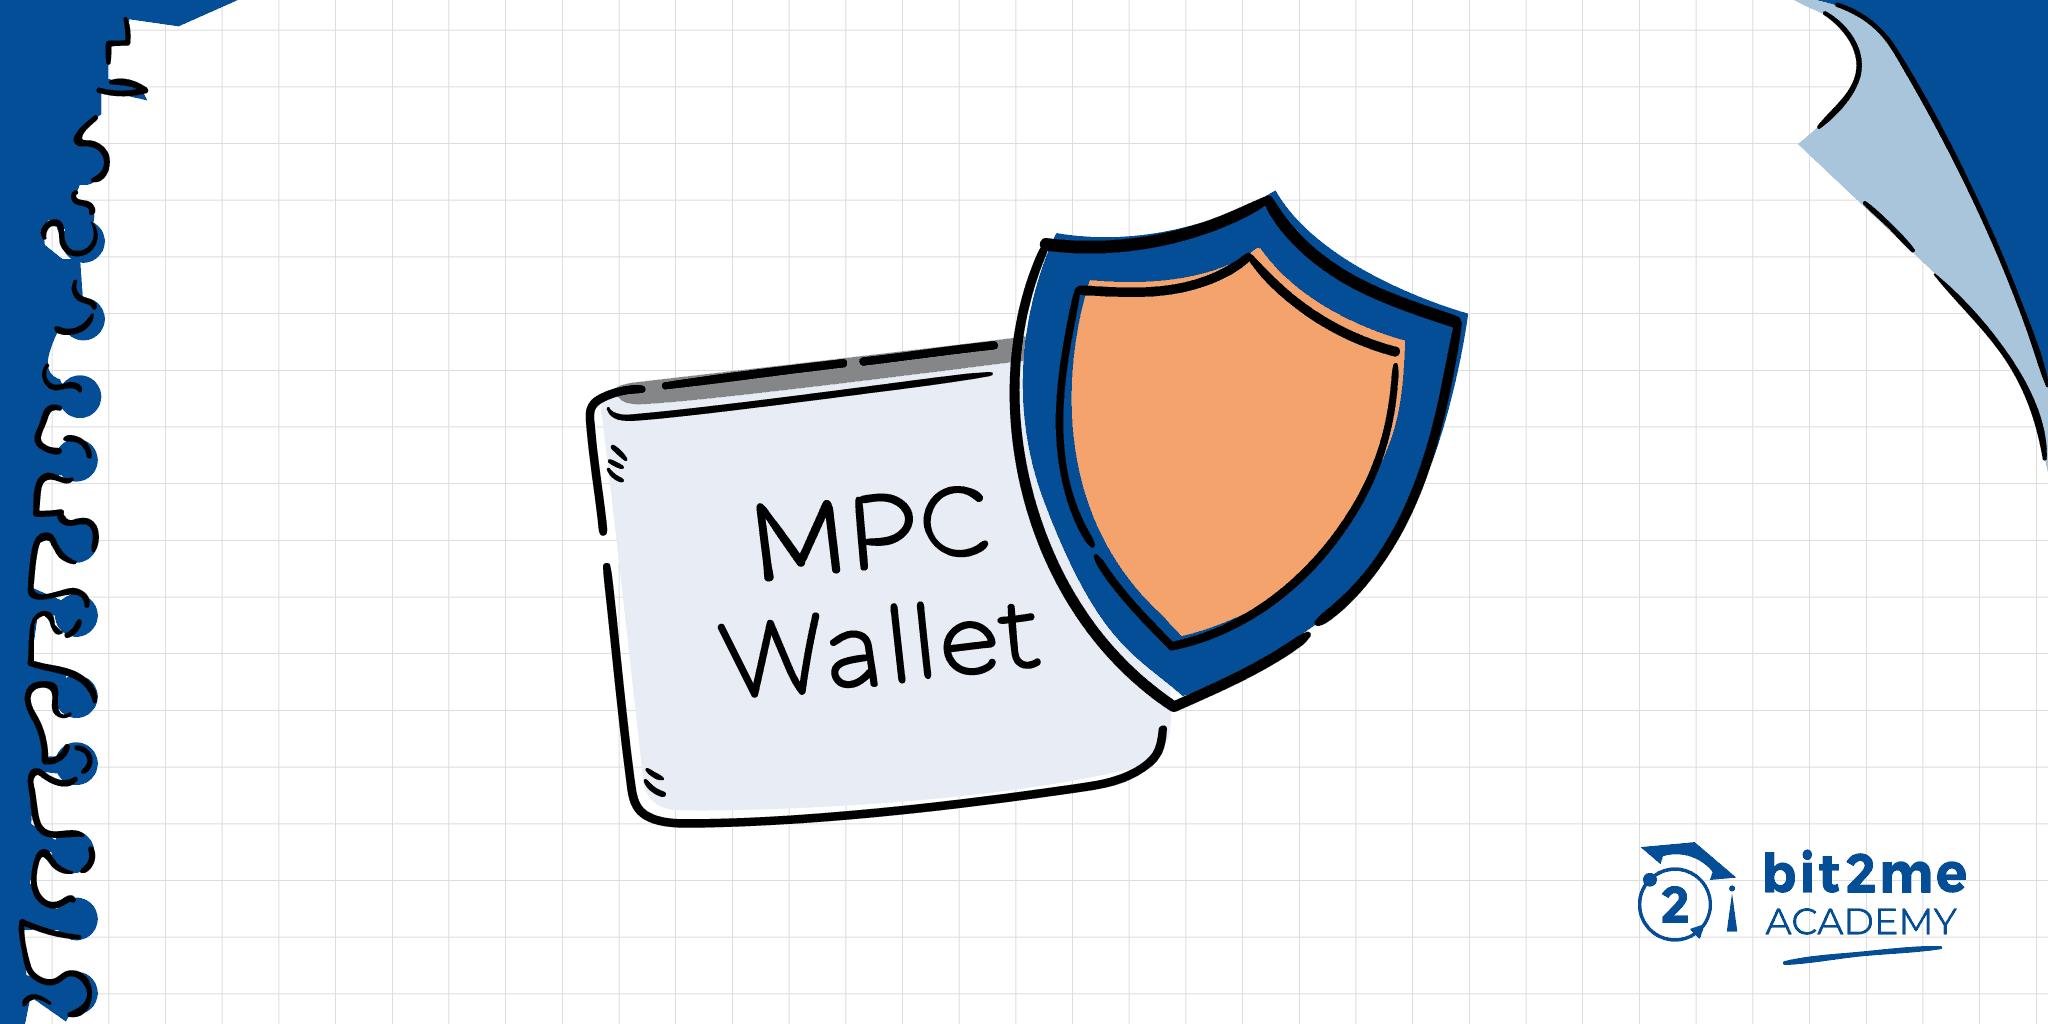 criptovalute del portafoglio mpc